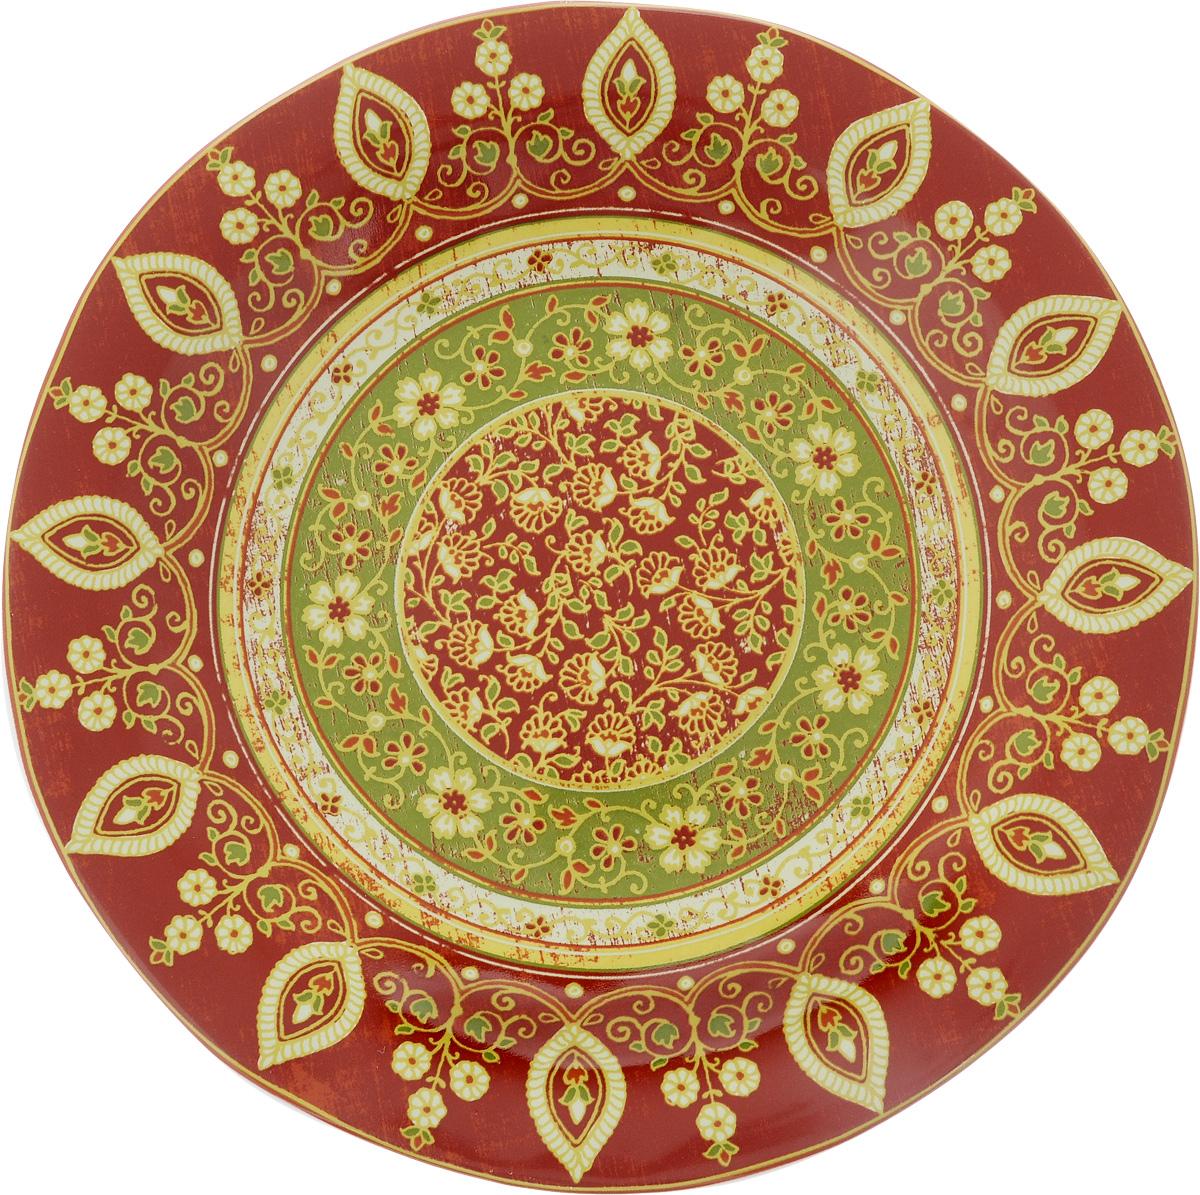 """Обеденная тарелка Sango Ceramics """"Кашмир"""", изготовленная из высококачественной керамики, имеет изысканный внешний вид. Она идеально подходит для красивой сервировки стола. Изделие прекрасно впишется в интерьер вашей кухни и станет достойным дополнением к кухонному инвентарю. Тарелка Sango Ceramics """"Кашмир"""" подчеркнет прекрасный вкус хозяйки и станет отличным подарком. Можно мыть в посудомоечной машине и использовать в микроволновой печи.  Диаметр тарелки (по верхнему краю): 27 см.Высота тарелки: 3 см."""